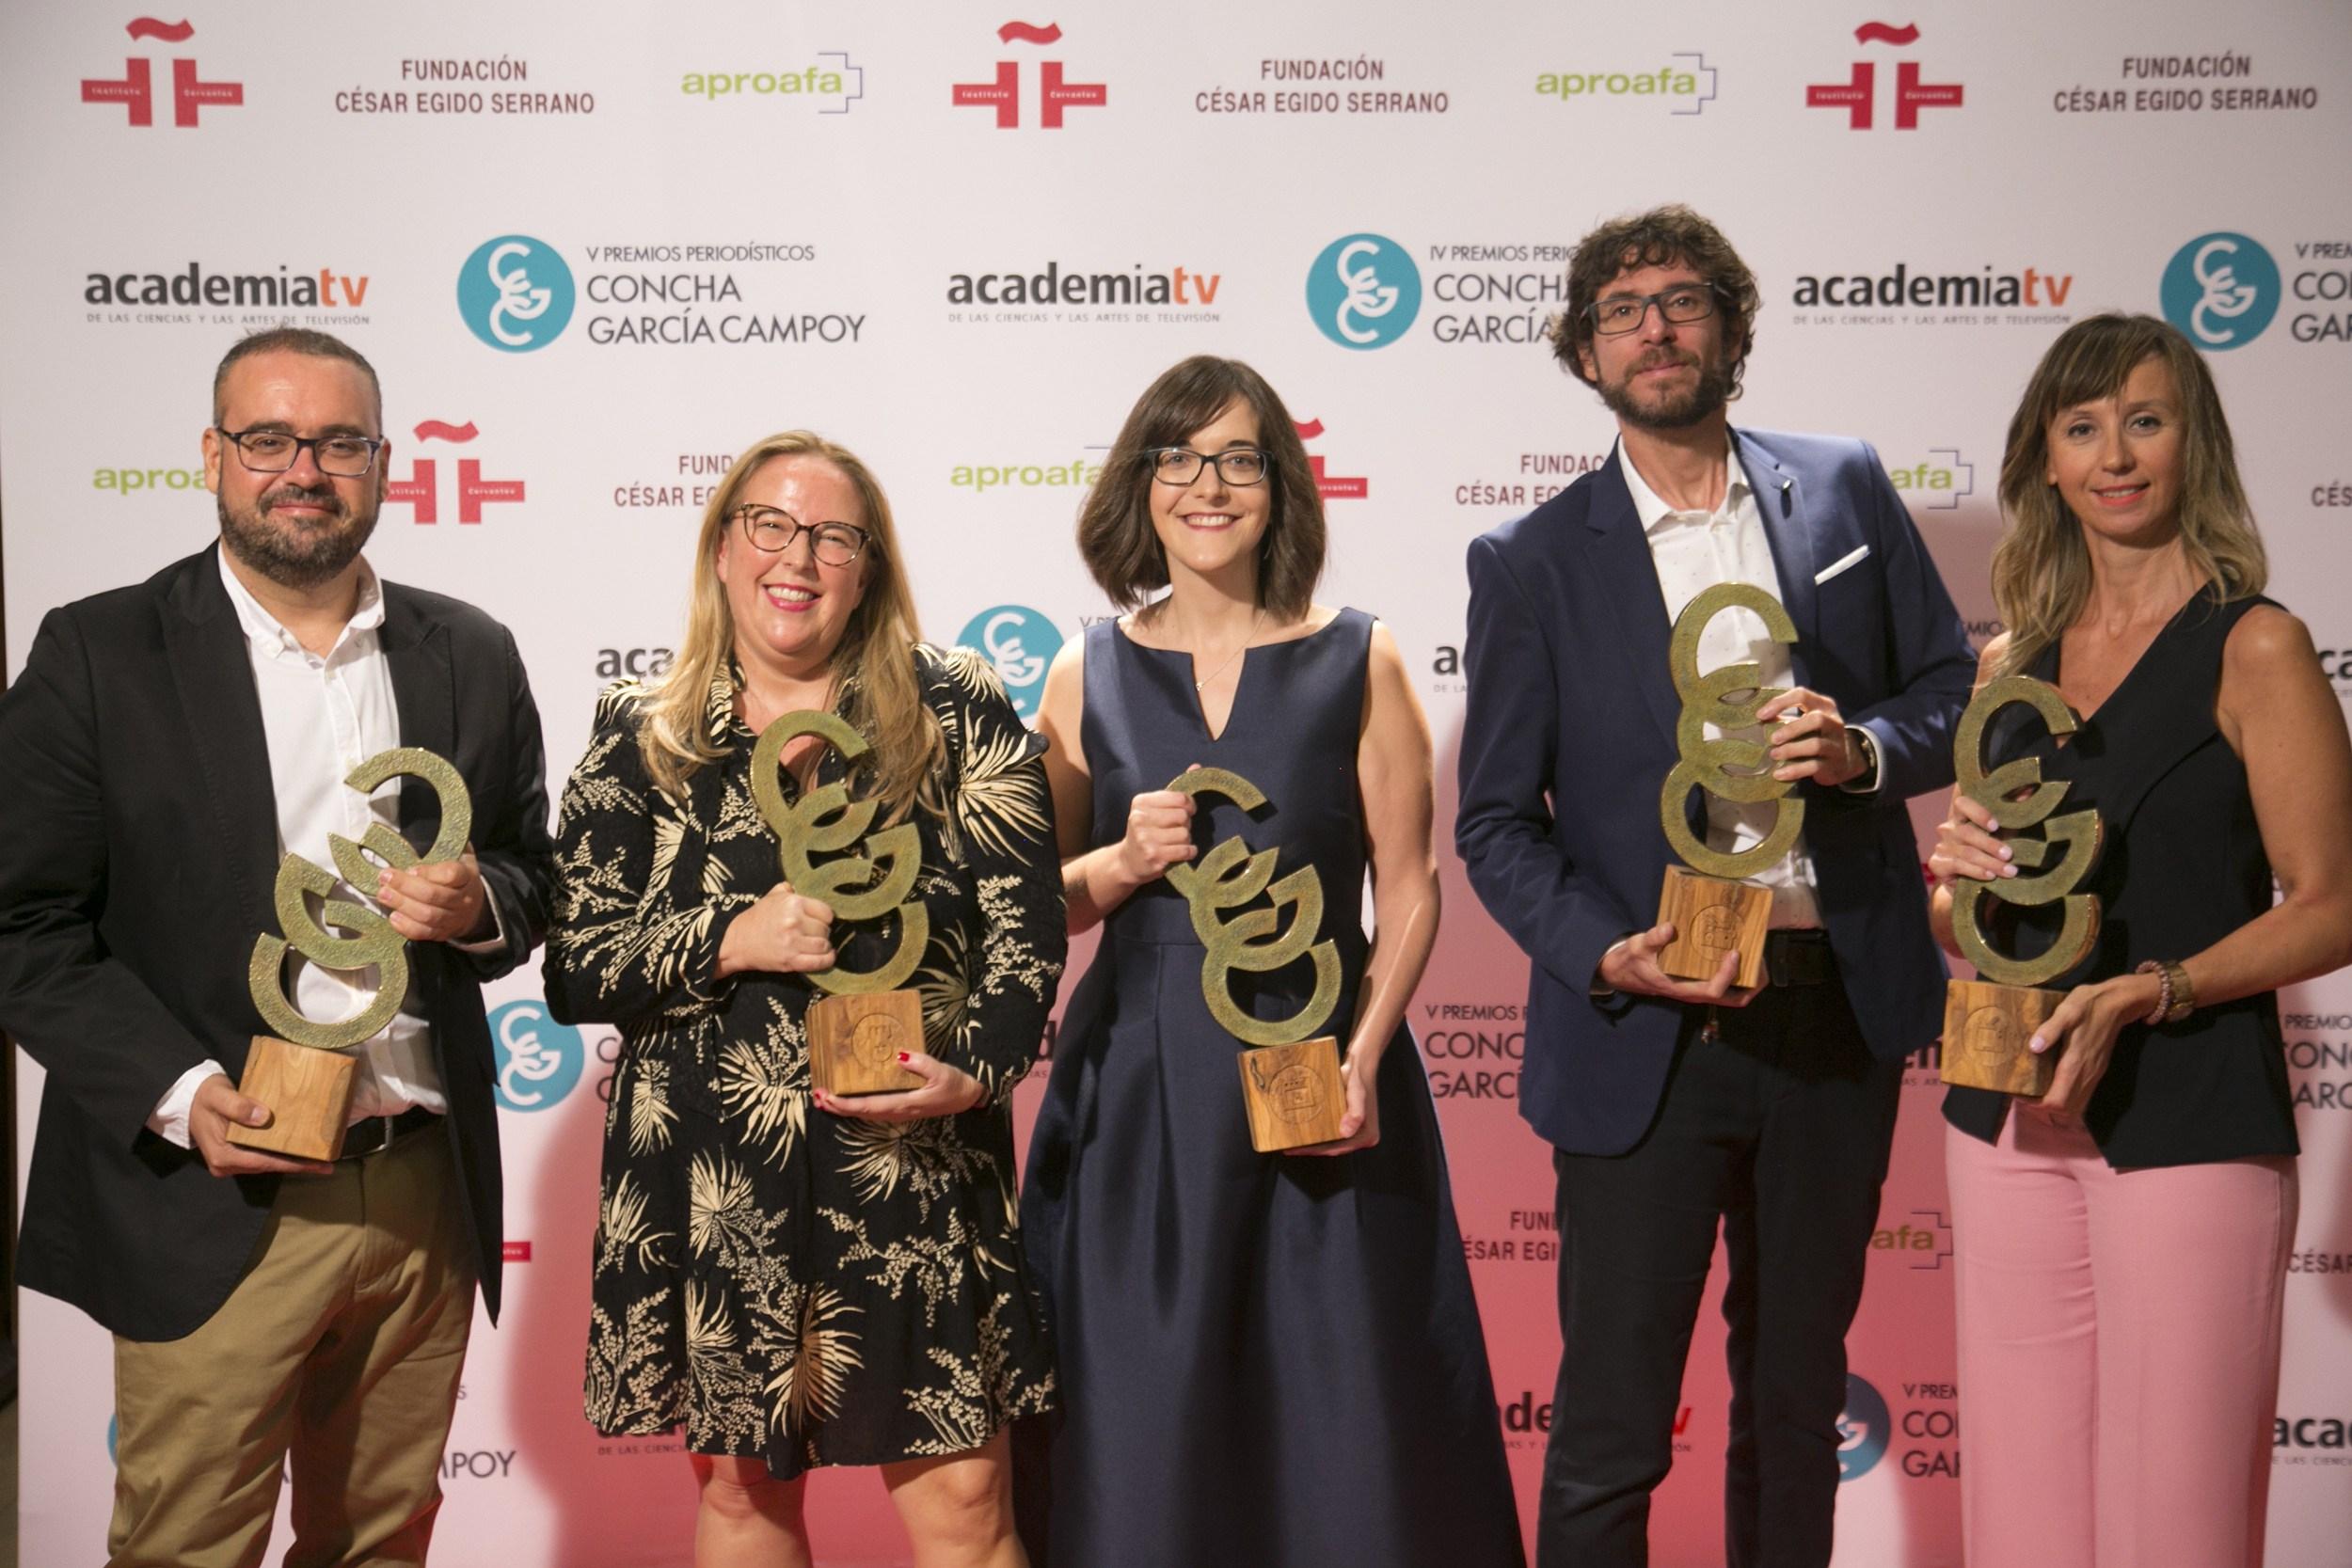 Jorge Pastor, Patricia Fernández de Lis, Ángela Bernardo, Mario Viciosa y Amparo Rey